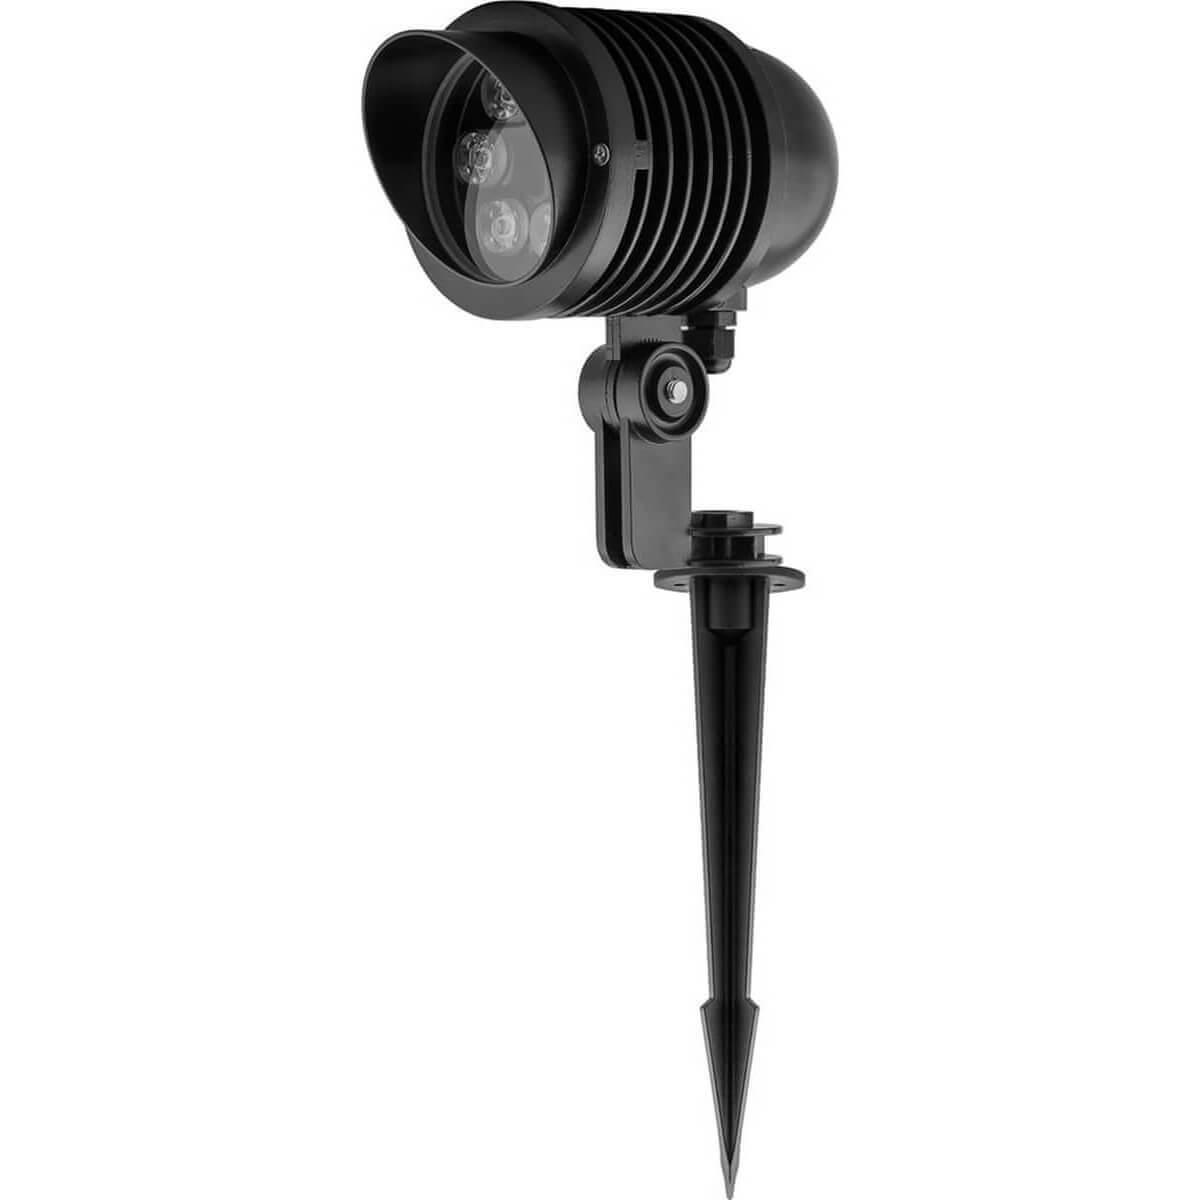 цена на Ландшафтный светодиодный светильник Feron SP2705 32128